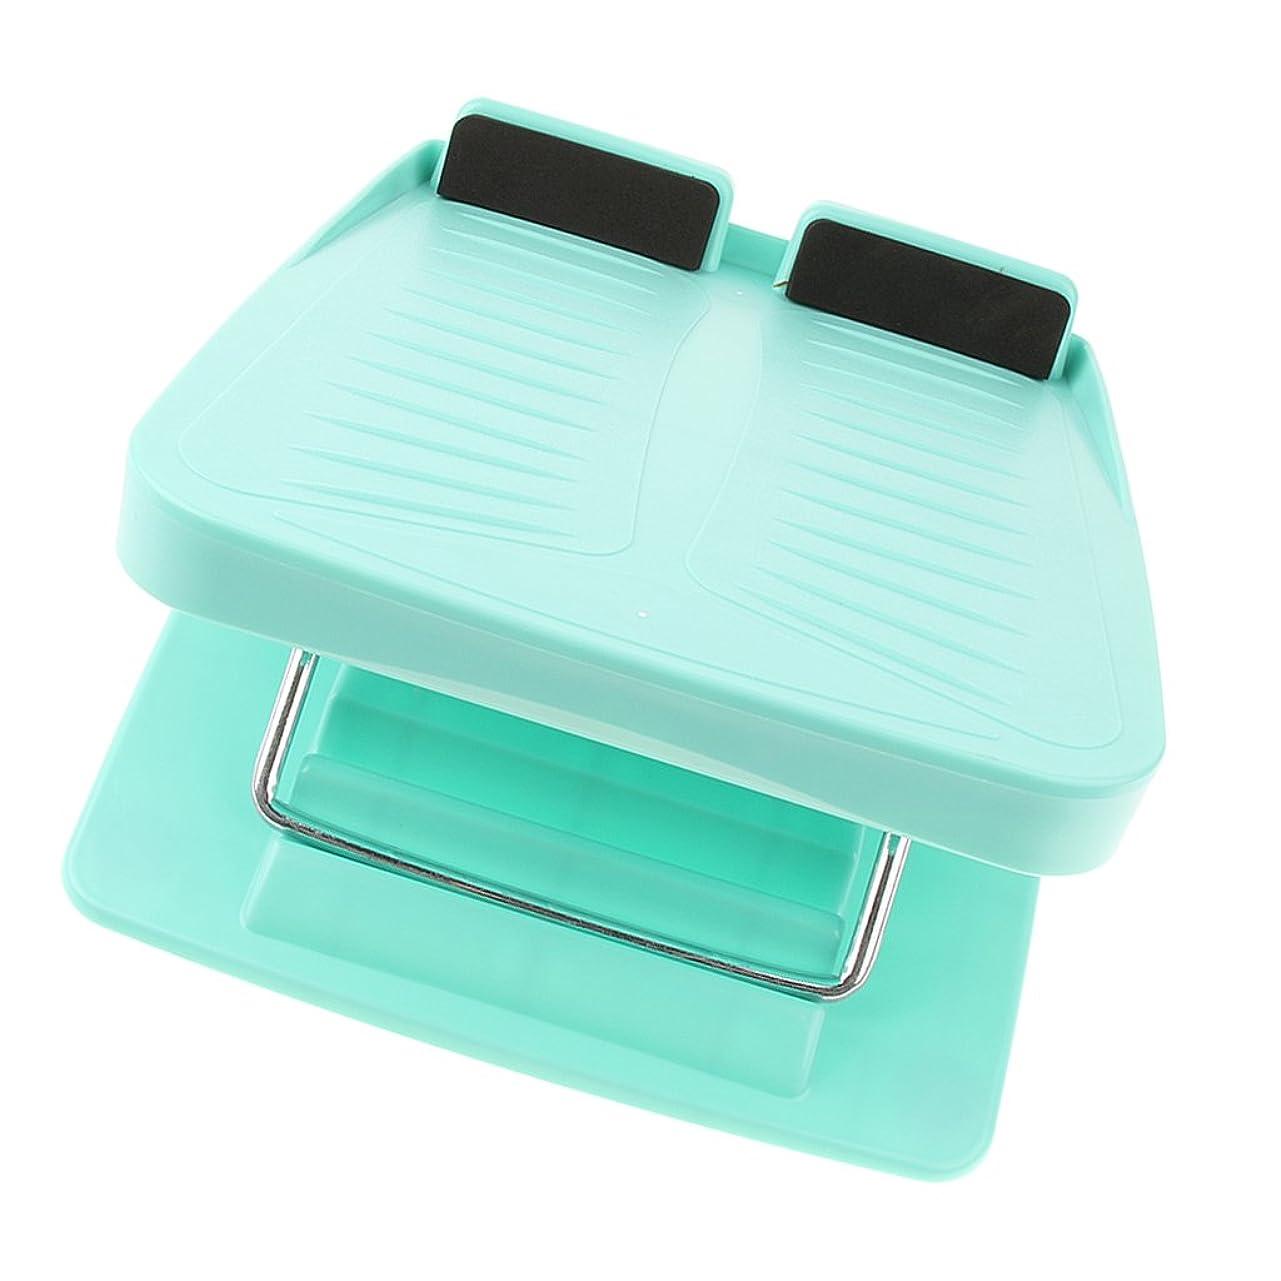 化合物キリスト教かけがえのないsharprepublic 調整可能 スラントボード アンチスリップ カーフストレッチ 斜面ボード ウェッジストレッチャー 3色 - 青